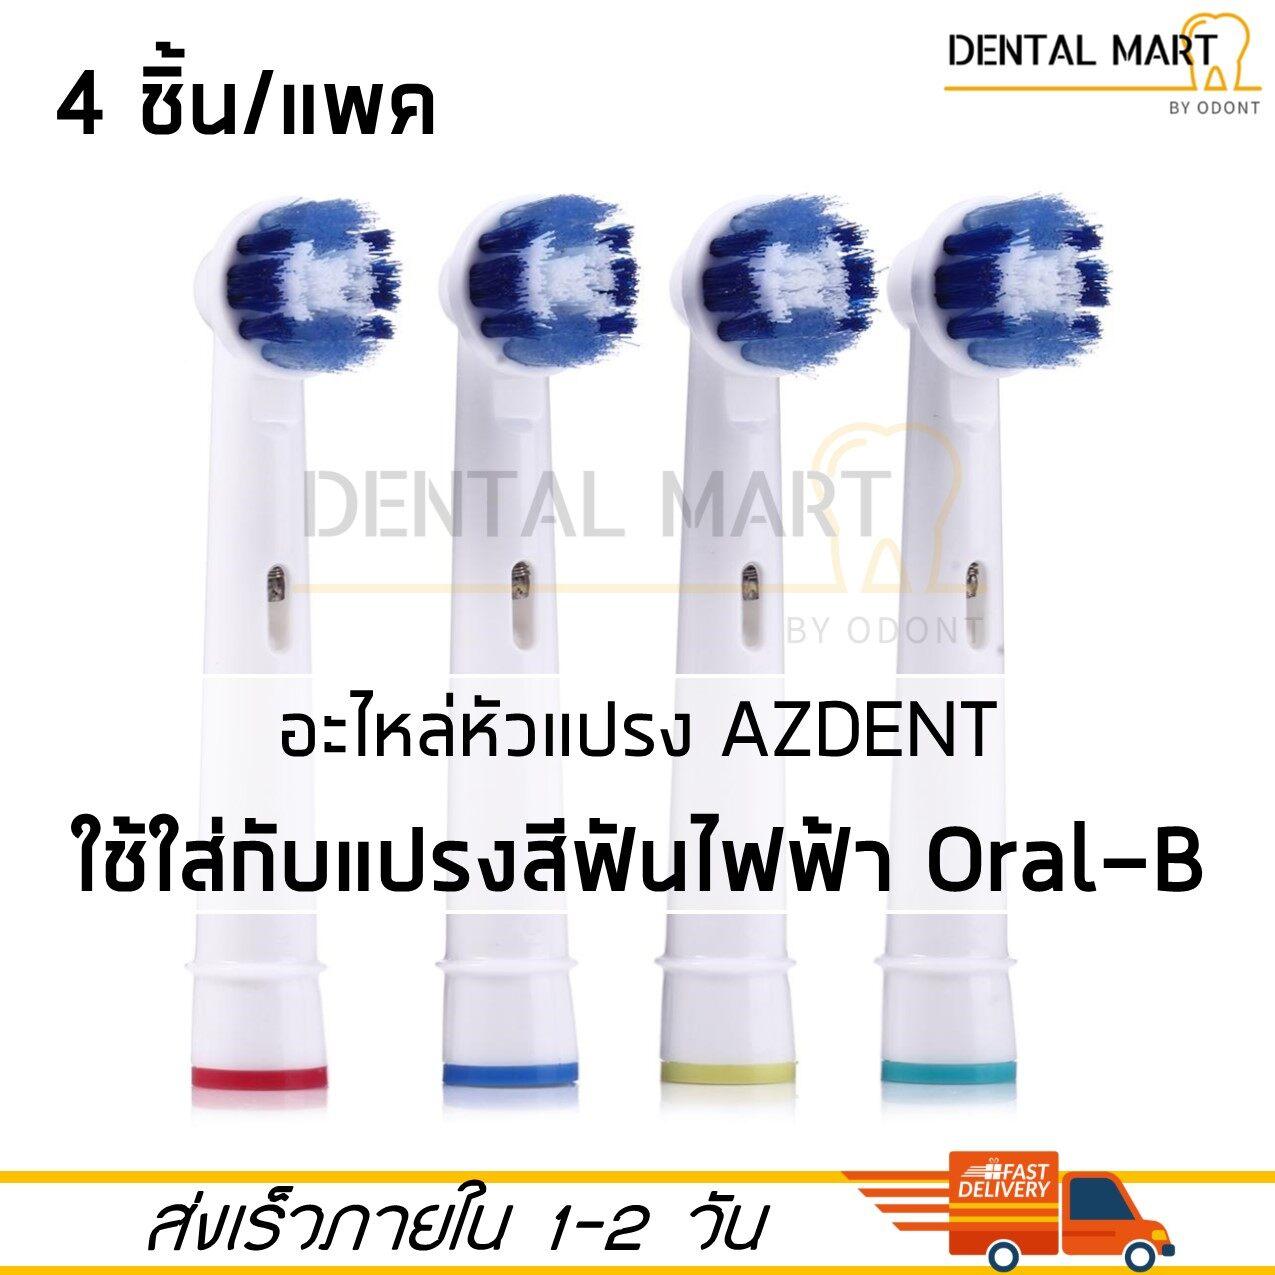 มหาสารคาม หัวแปรงสีฟันไฟฟ้า AZDENT แบบ Precision Clean 4 ชิ้น   ใช้ได้กับแปรงสีฟันไฟฟ้า Oral B